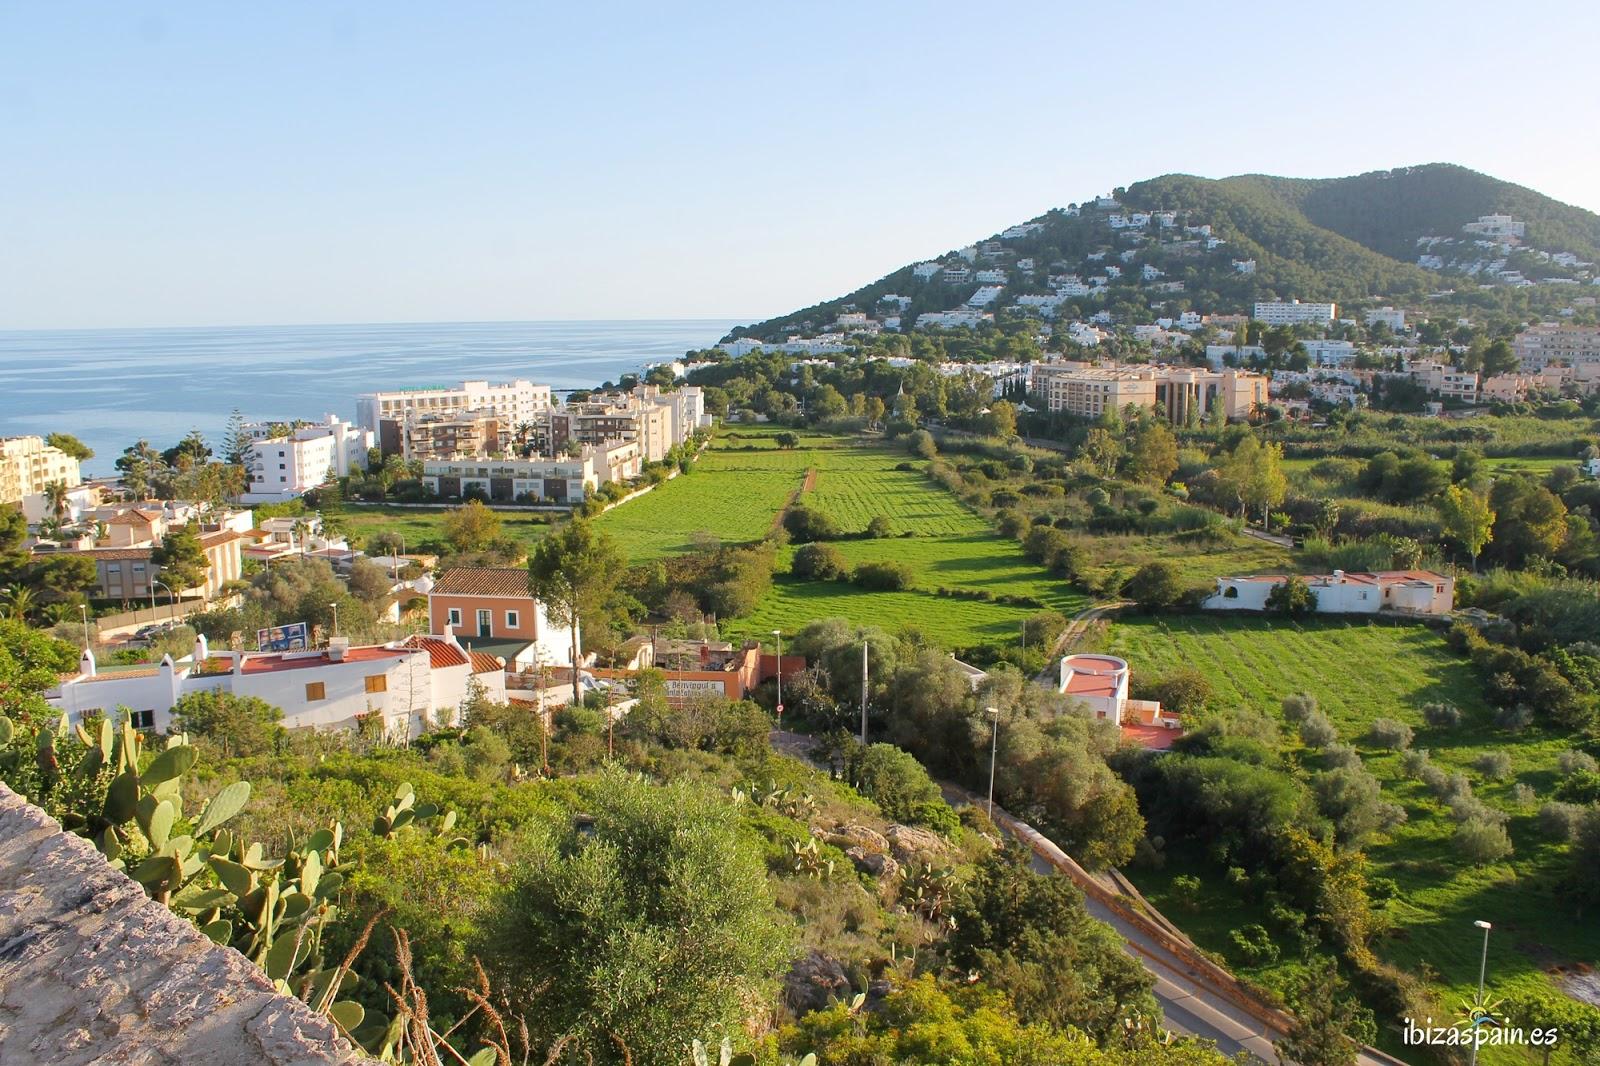 Mirador de Santa Eulalia Ibiza